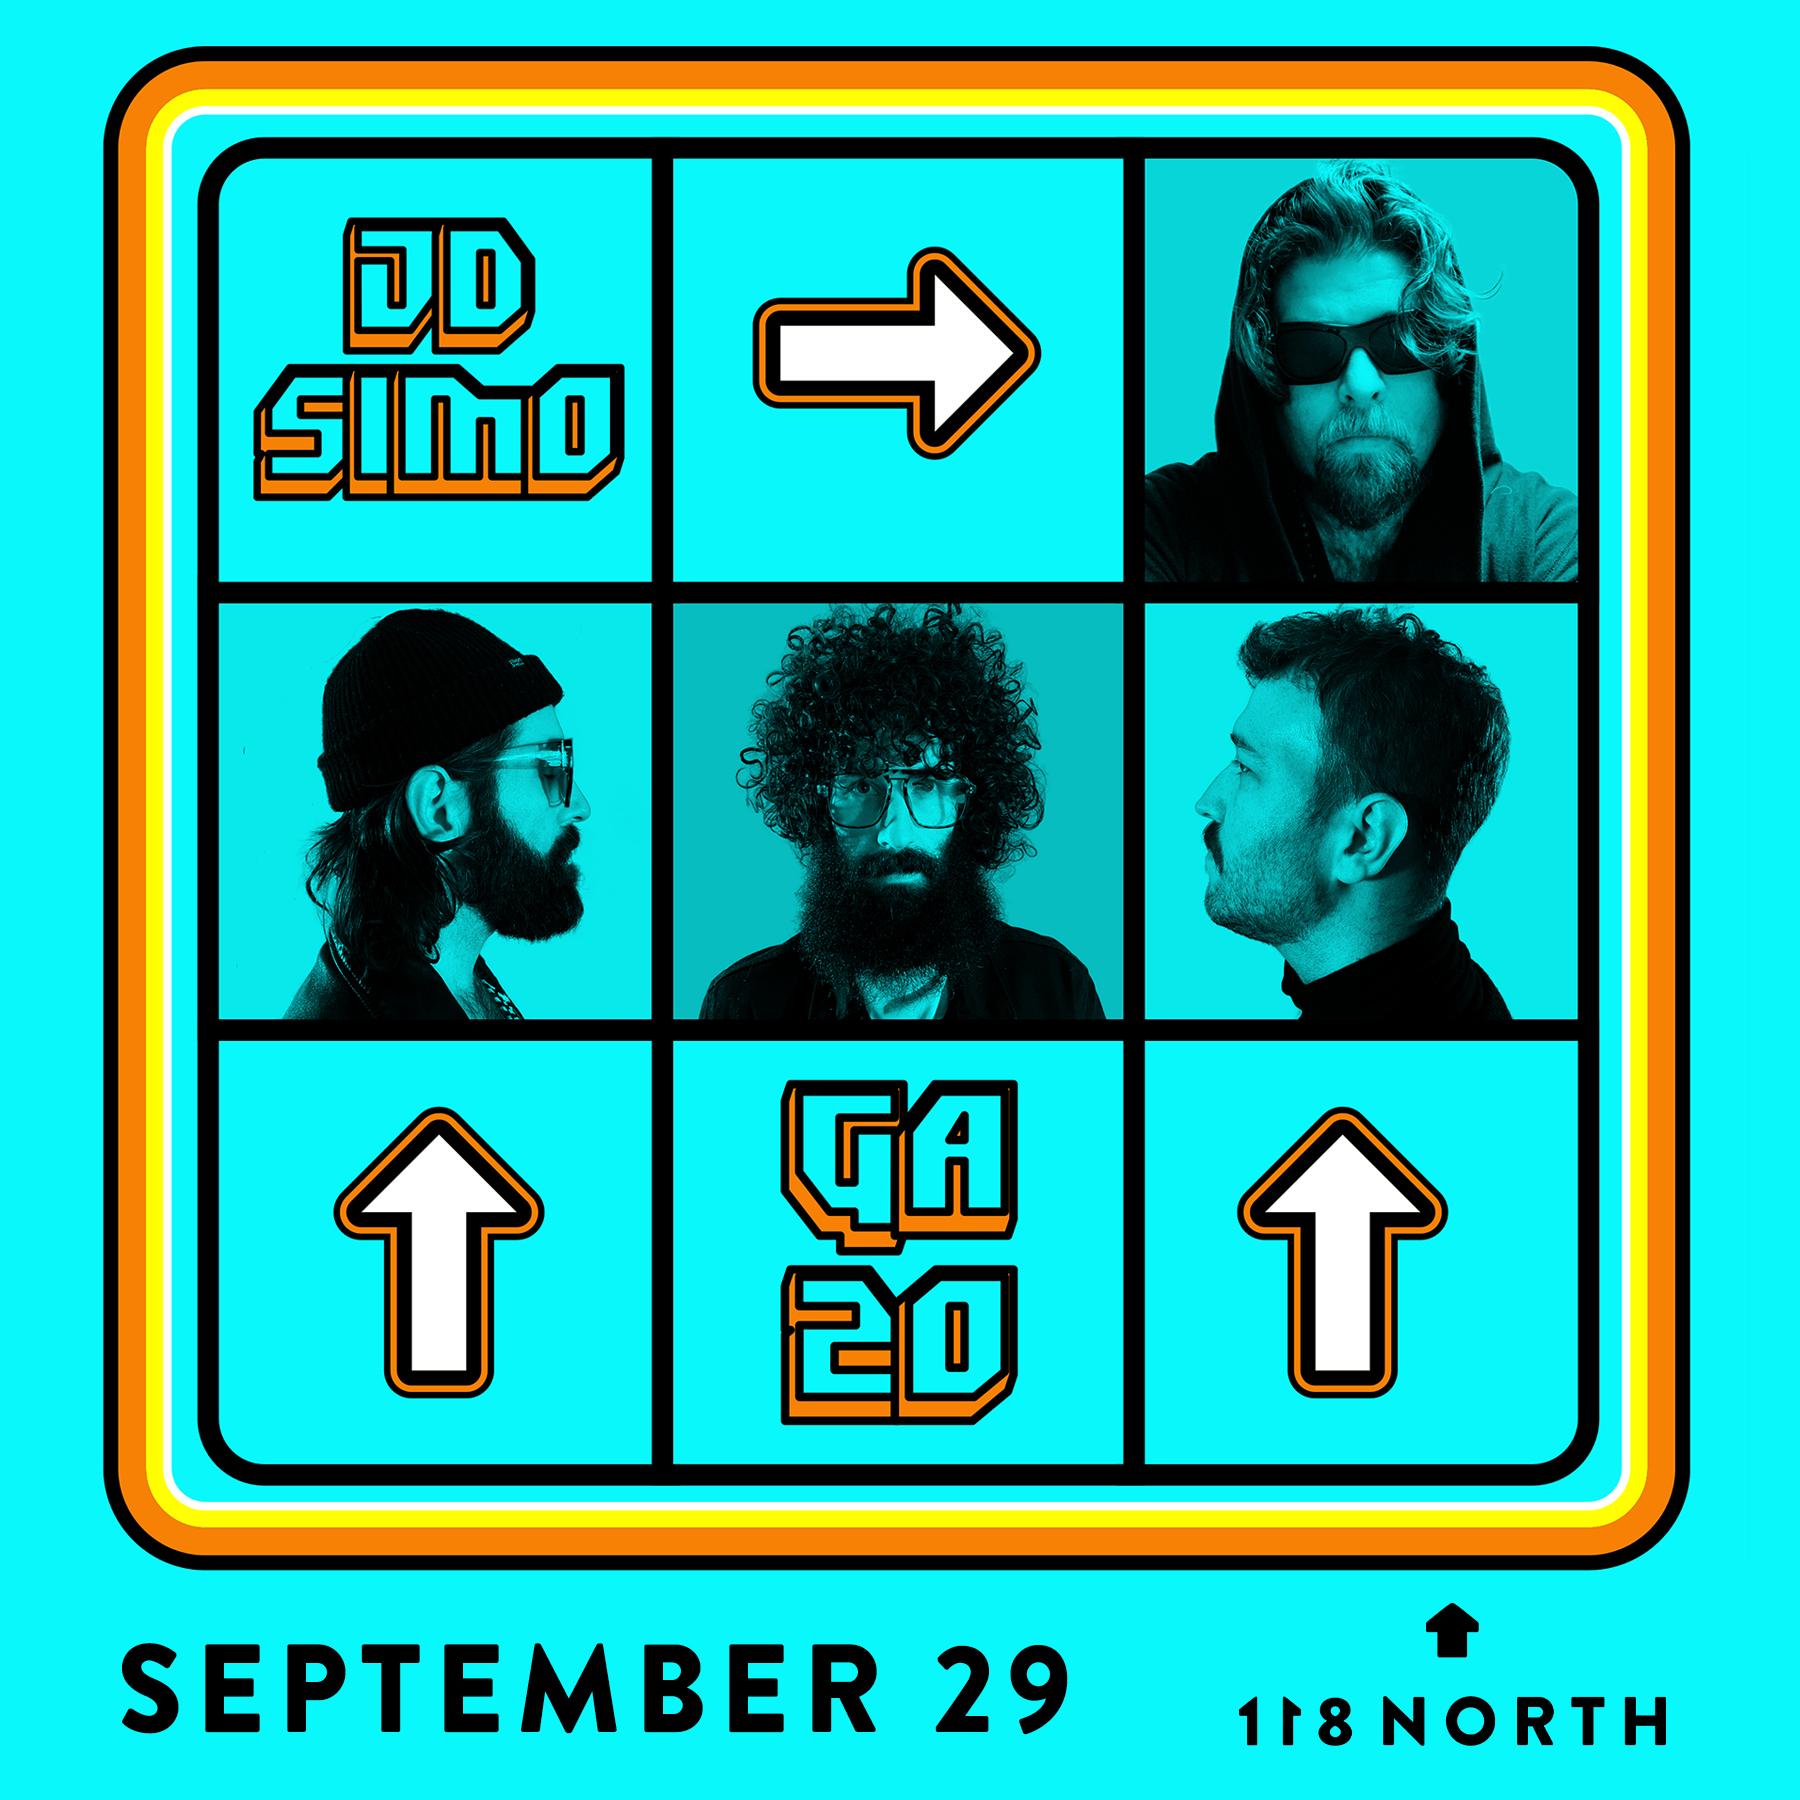 JD Simo + GA-20: